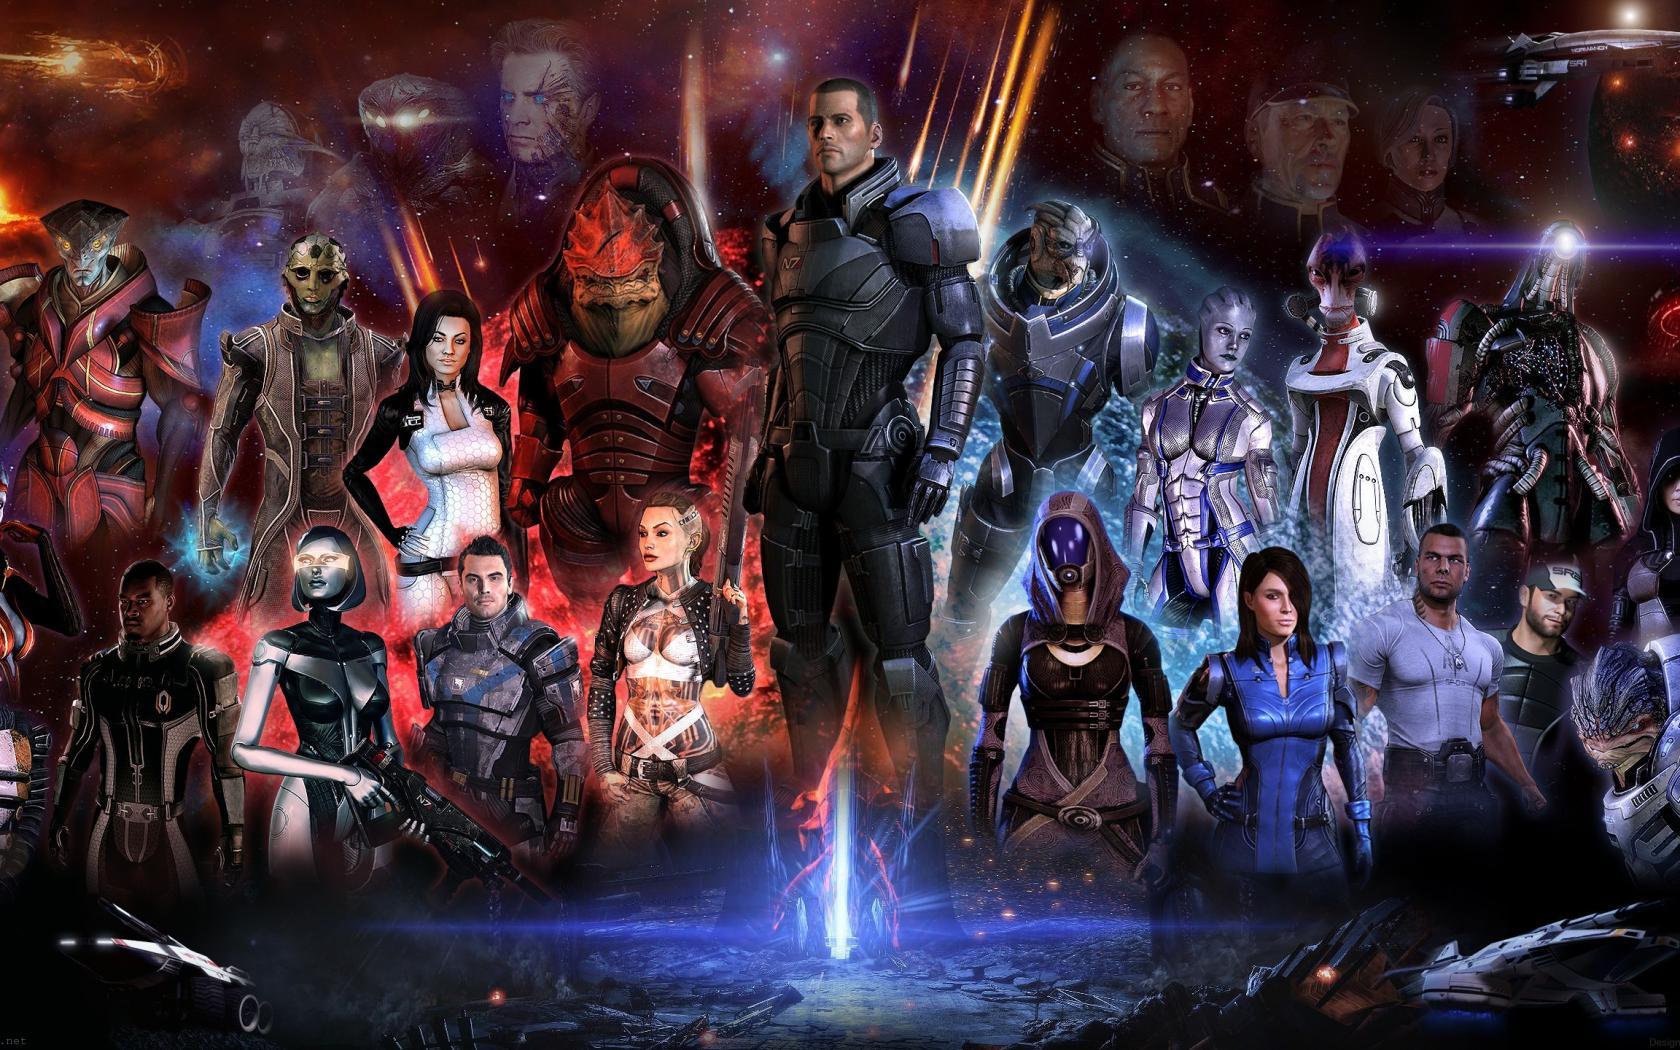 О чём должна быть Mass Effect 4? - Изображение 1